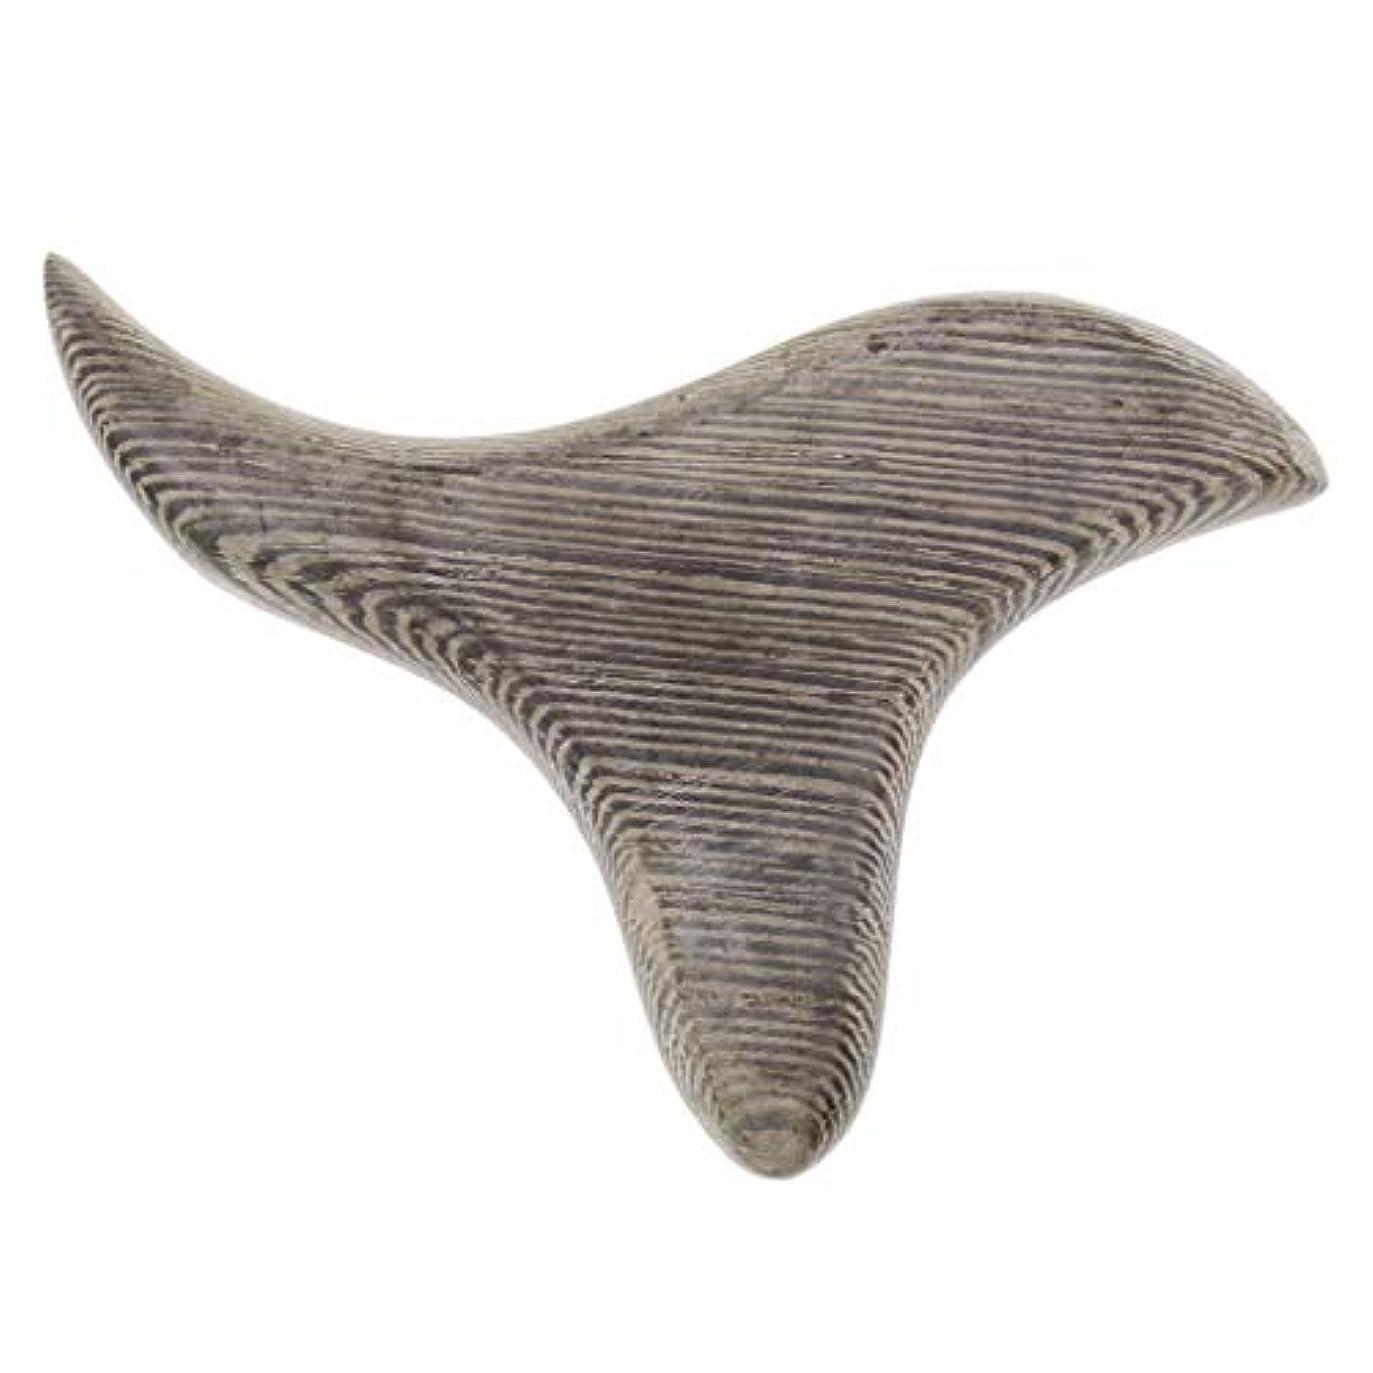 面スポット動作FLAMEER 三角形 マッサージボード 掻き板 木製